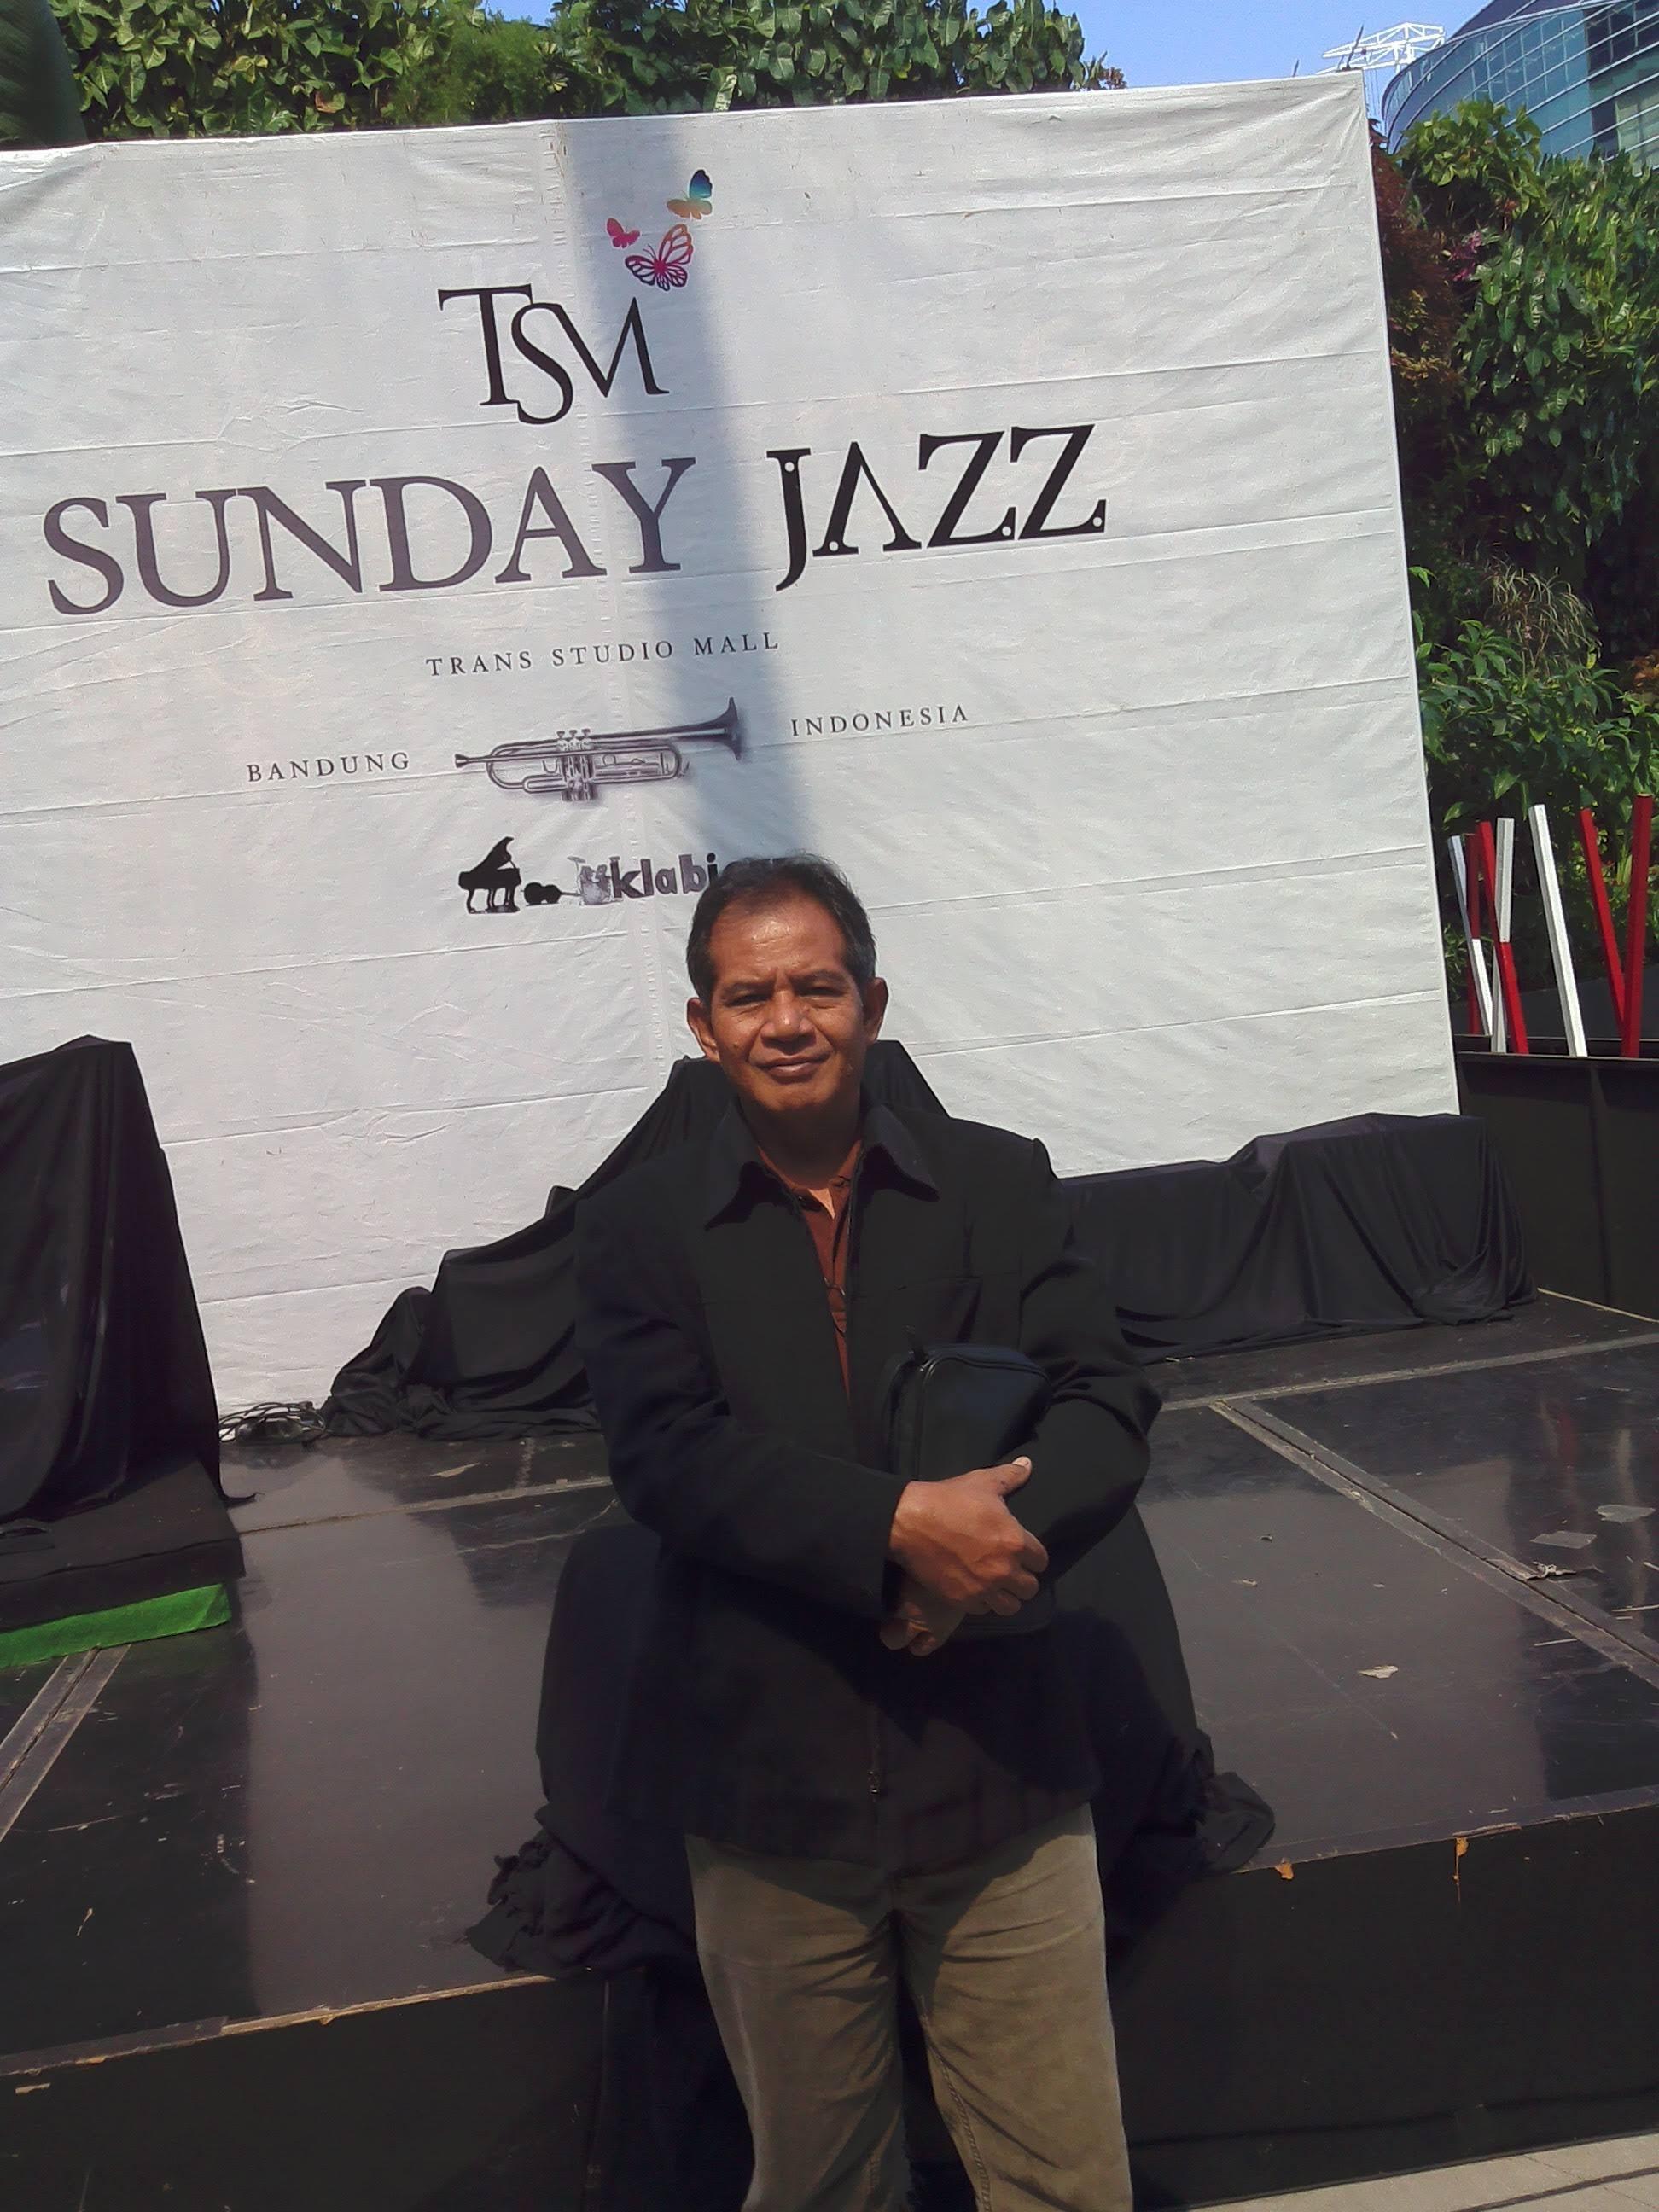 Indrawarman Photo at Sunday Jazz